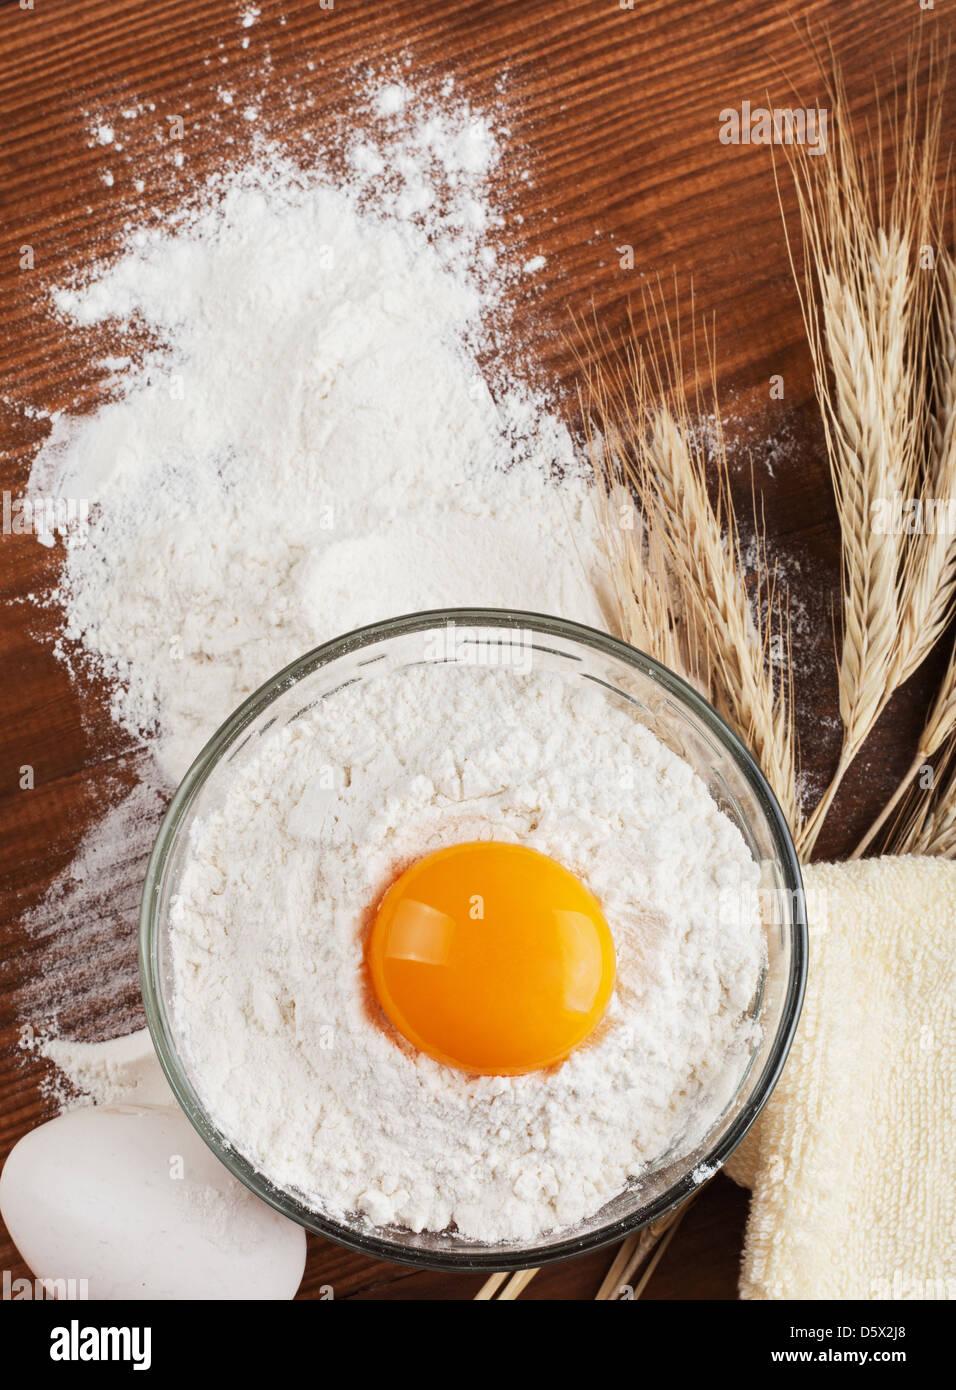 Bereiten Sie die Zutaten für das Backen. Mehl, Ei auf einem Holztisch. Ährchen Weizen Stockbild